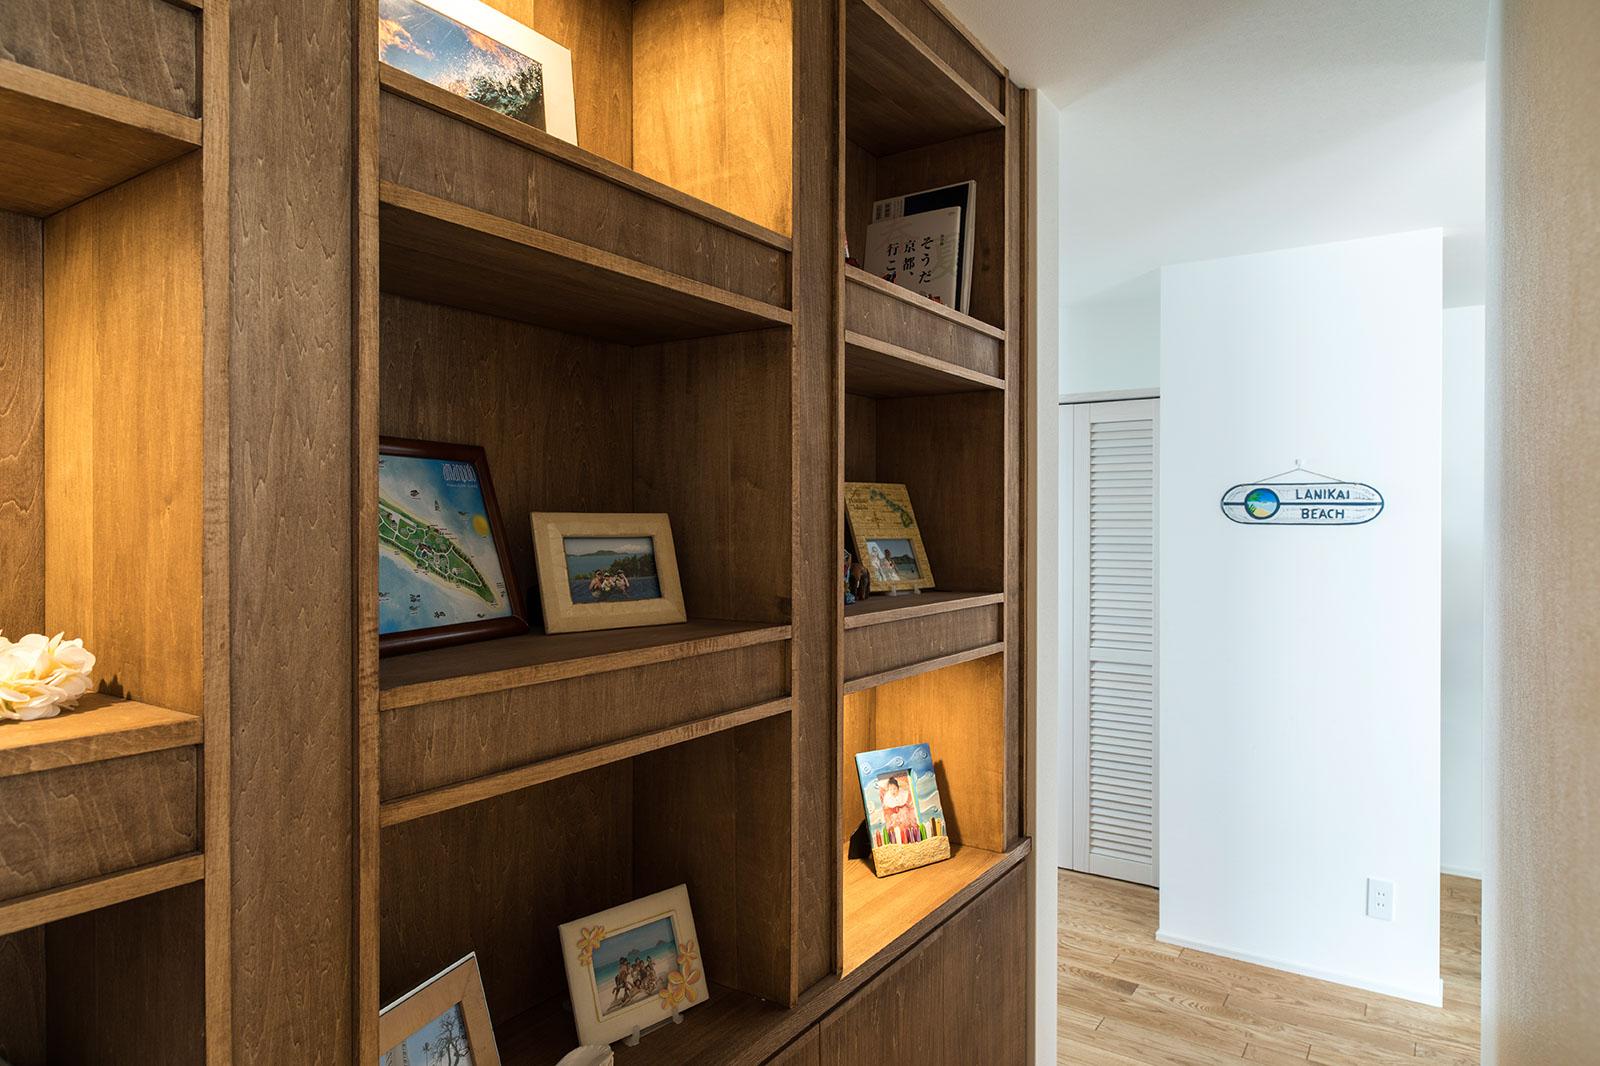 テレビ台の裏手の見せる収納スペーには、書籍やご家族の写真などが収められている